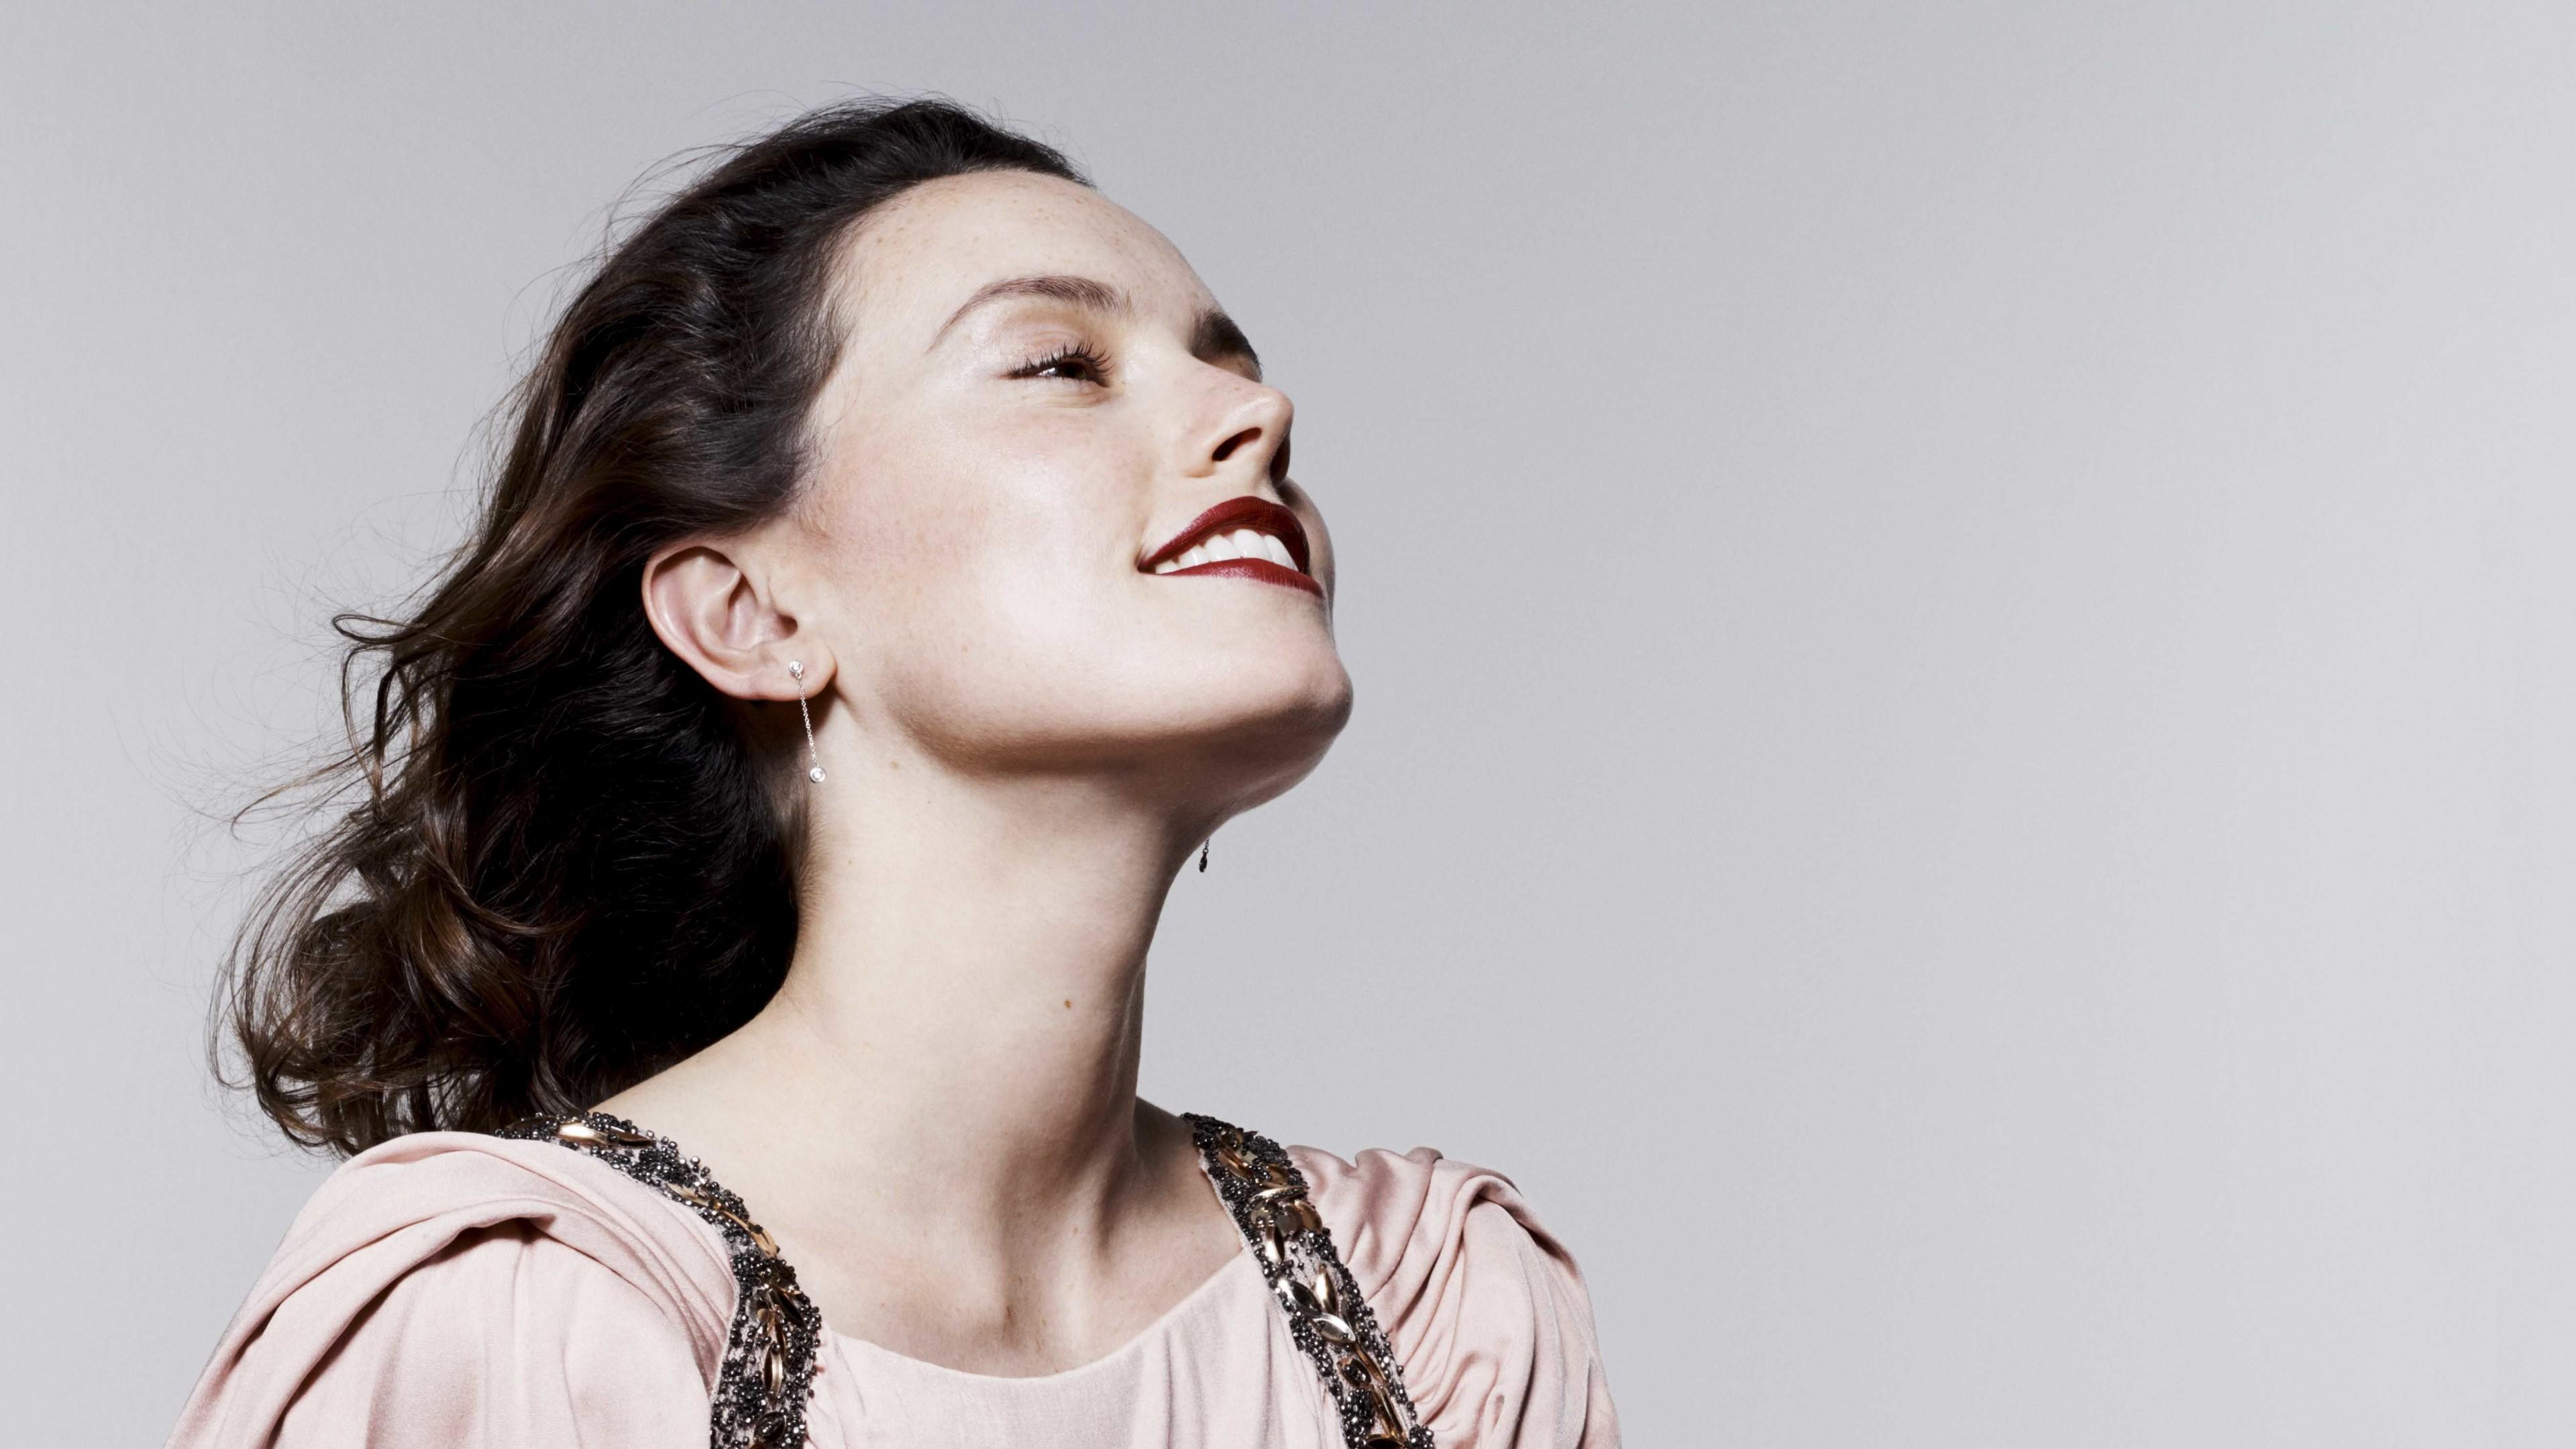 Девушка брюнетка с белоснежной улыбкой и счастливым взглядом